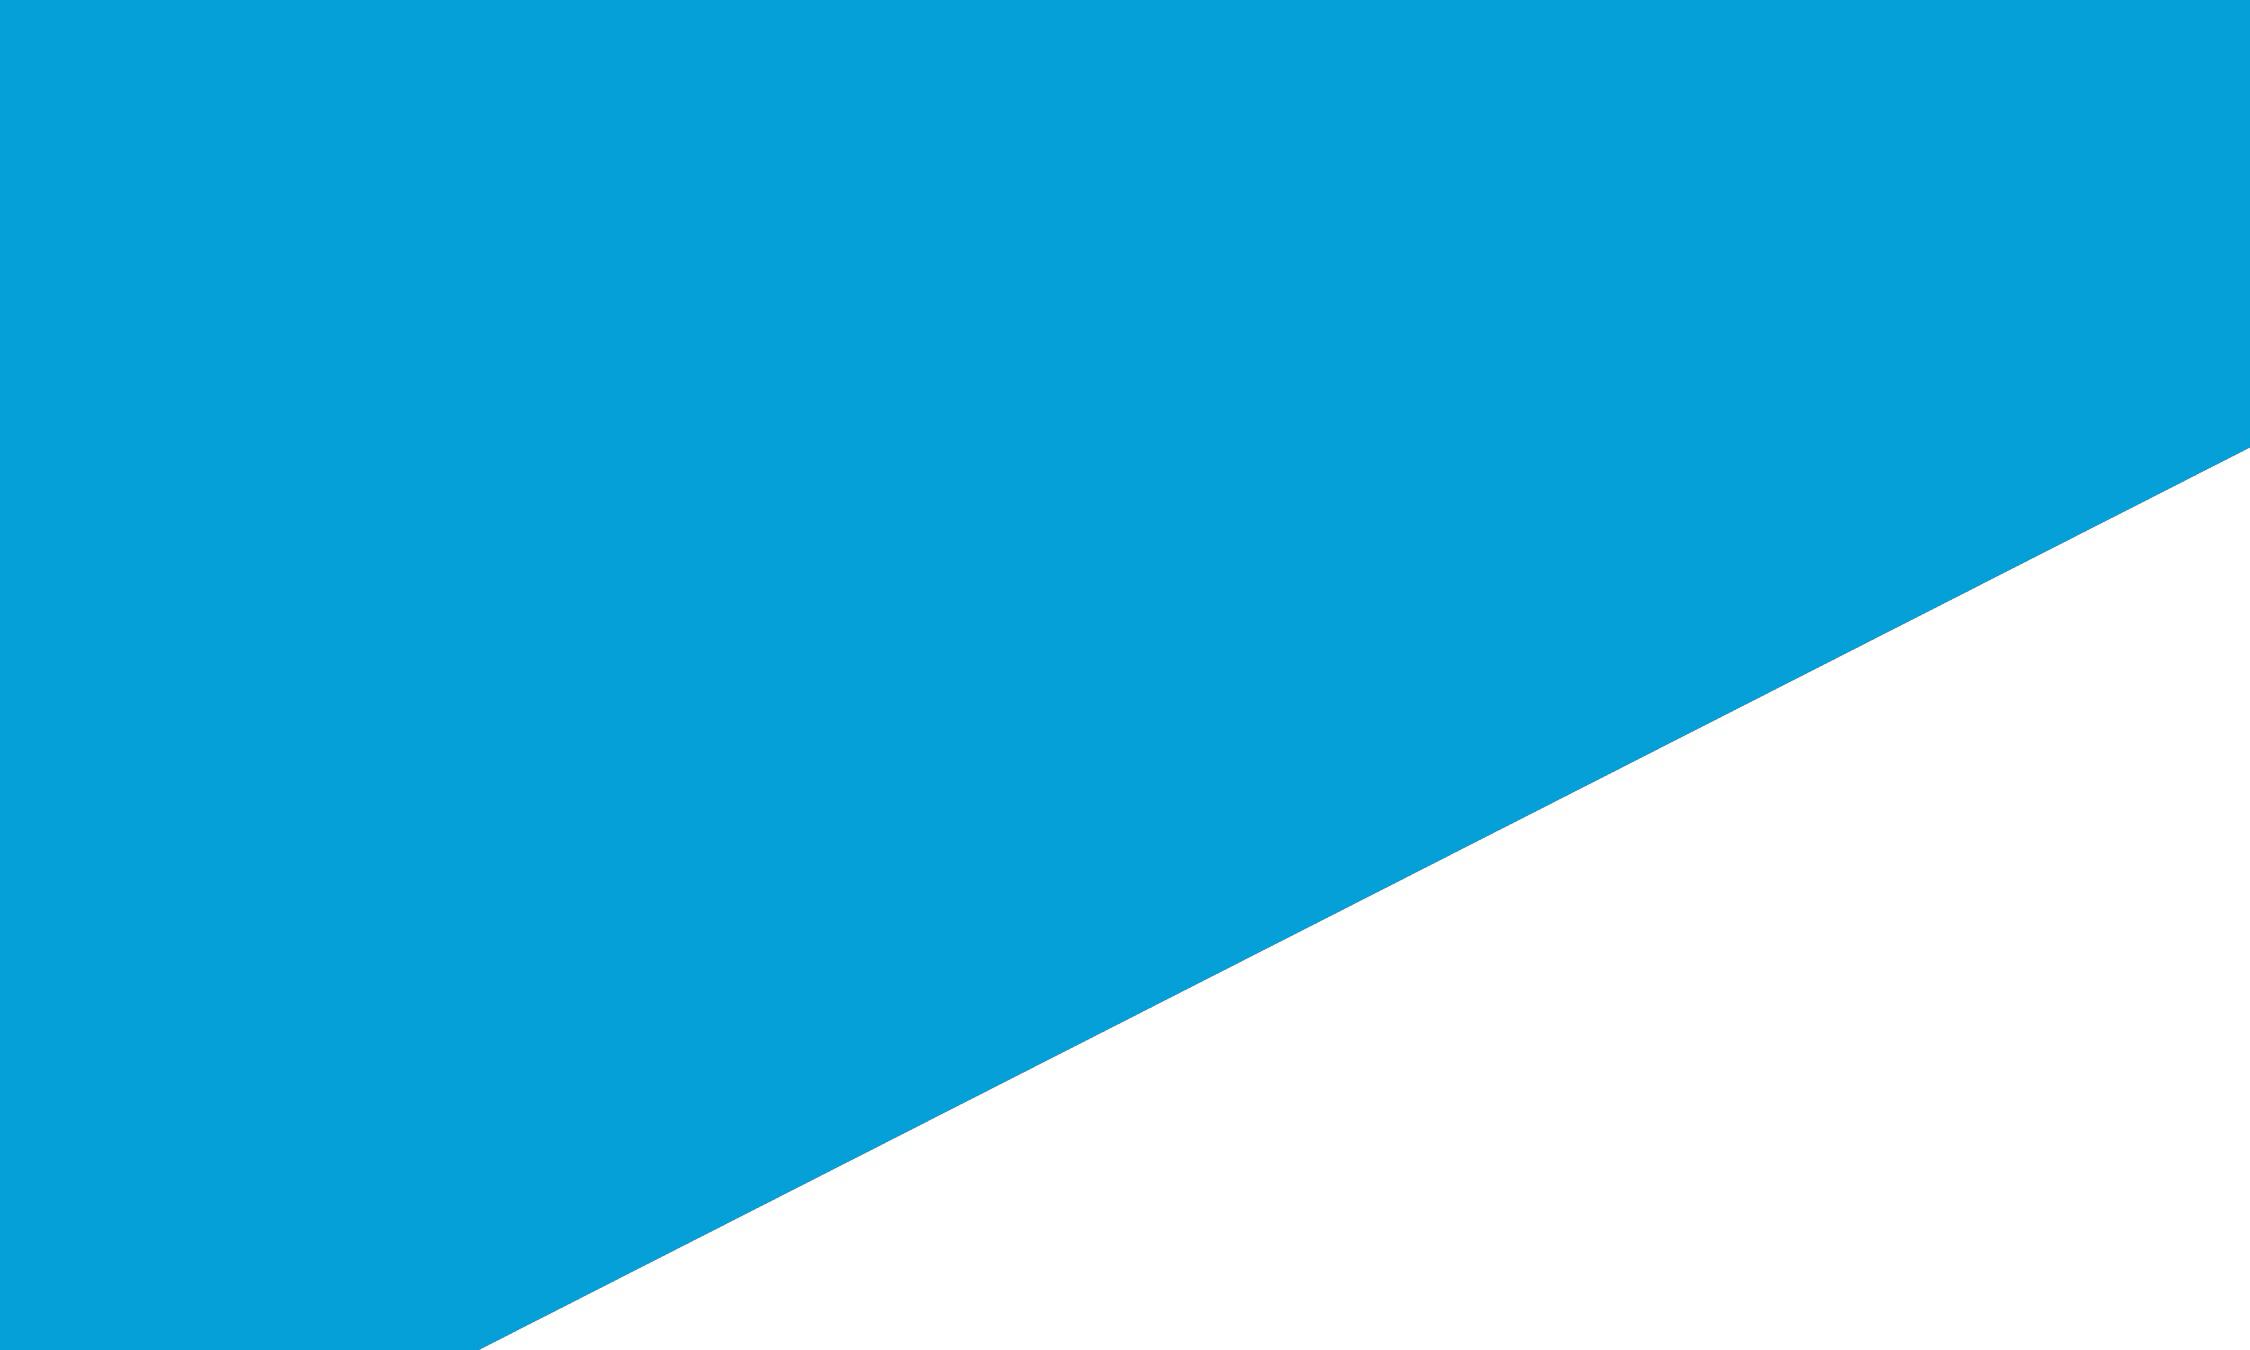 bg-white-blue-salesforce